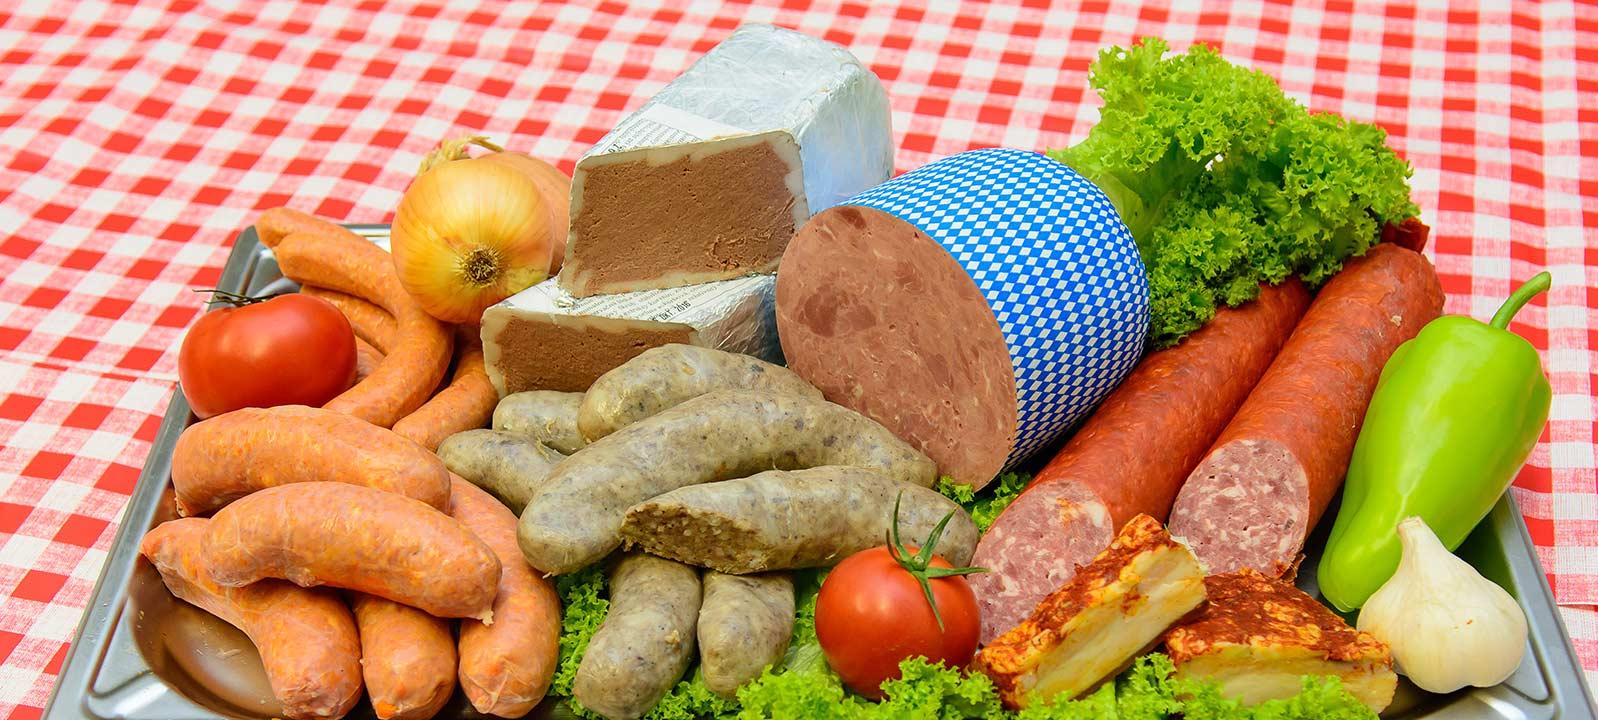 Výrobky z bravčového mäsa